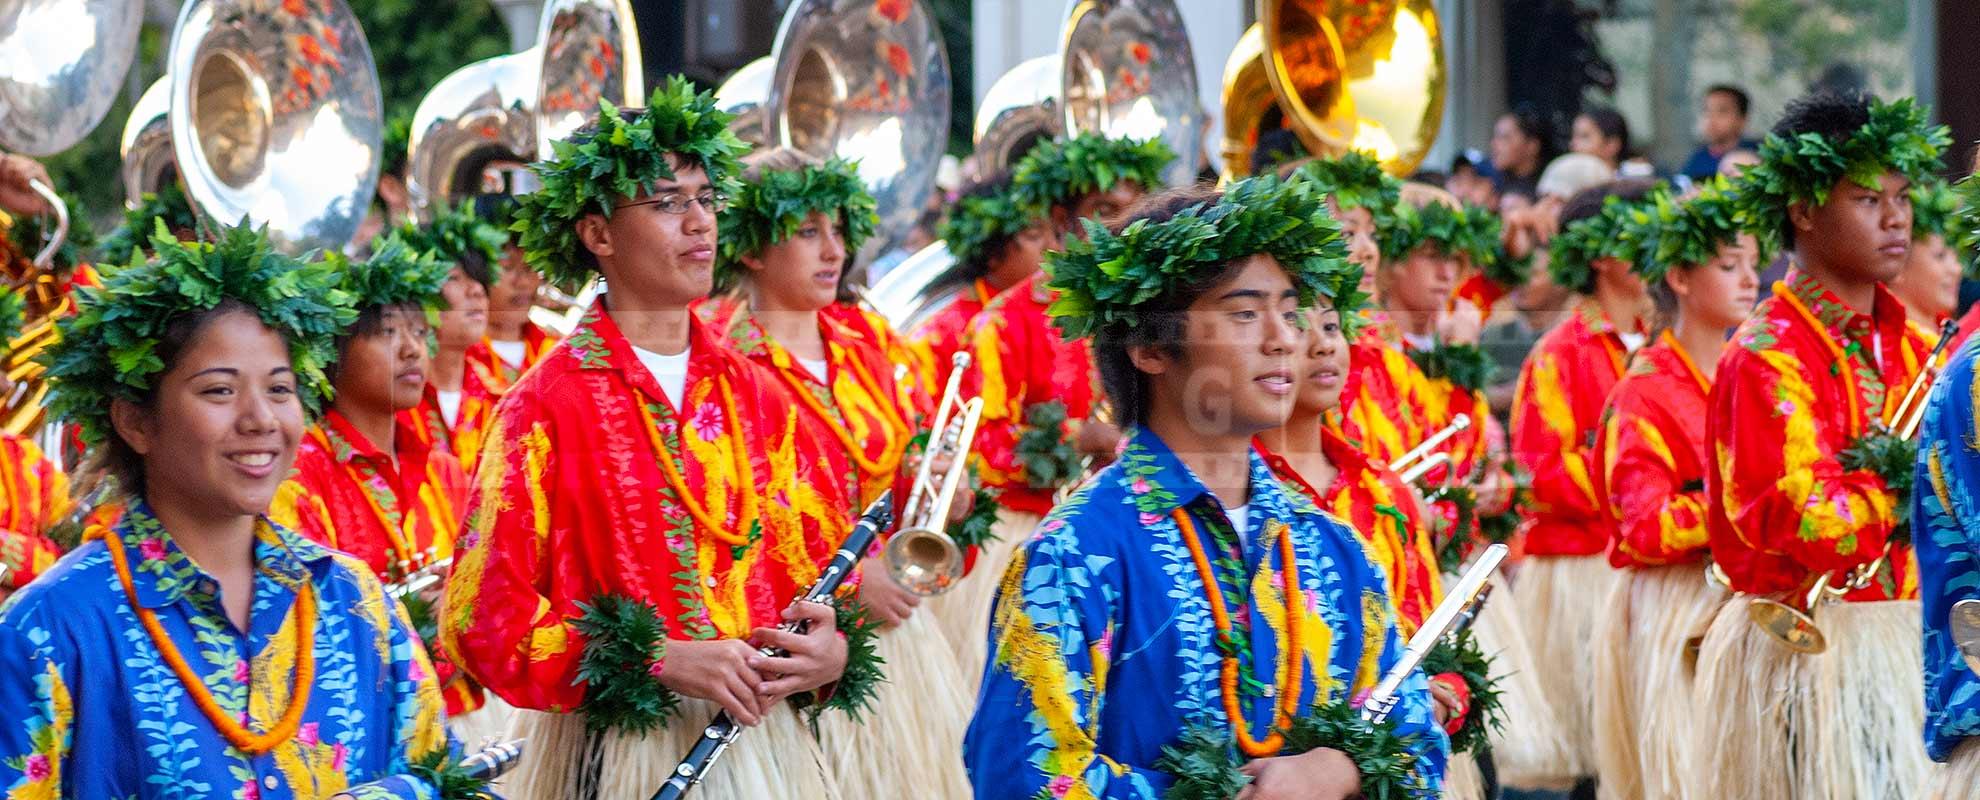 Hawaiian Marching Brass band at Rose parade